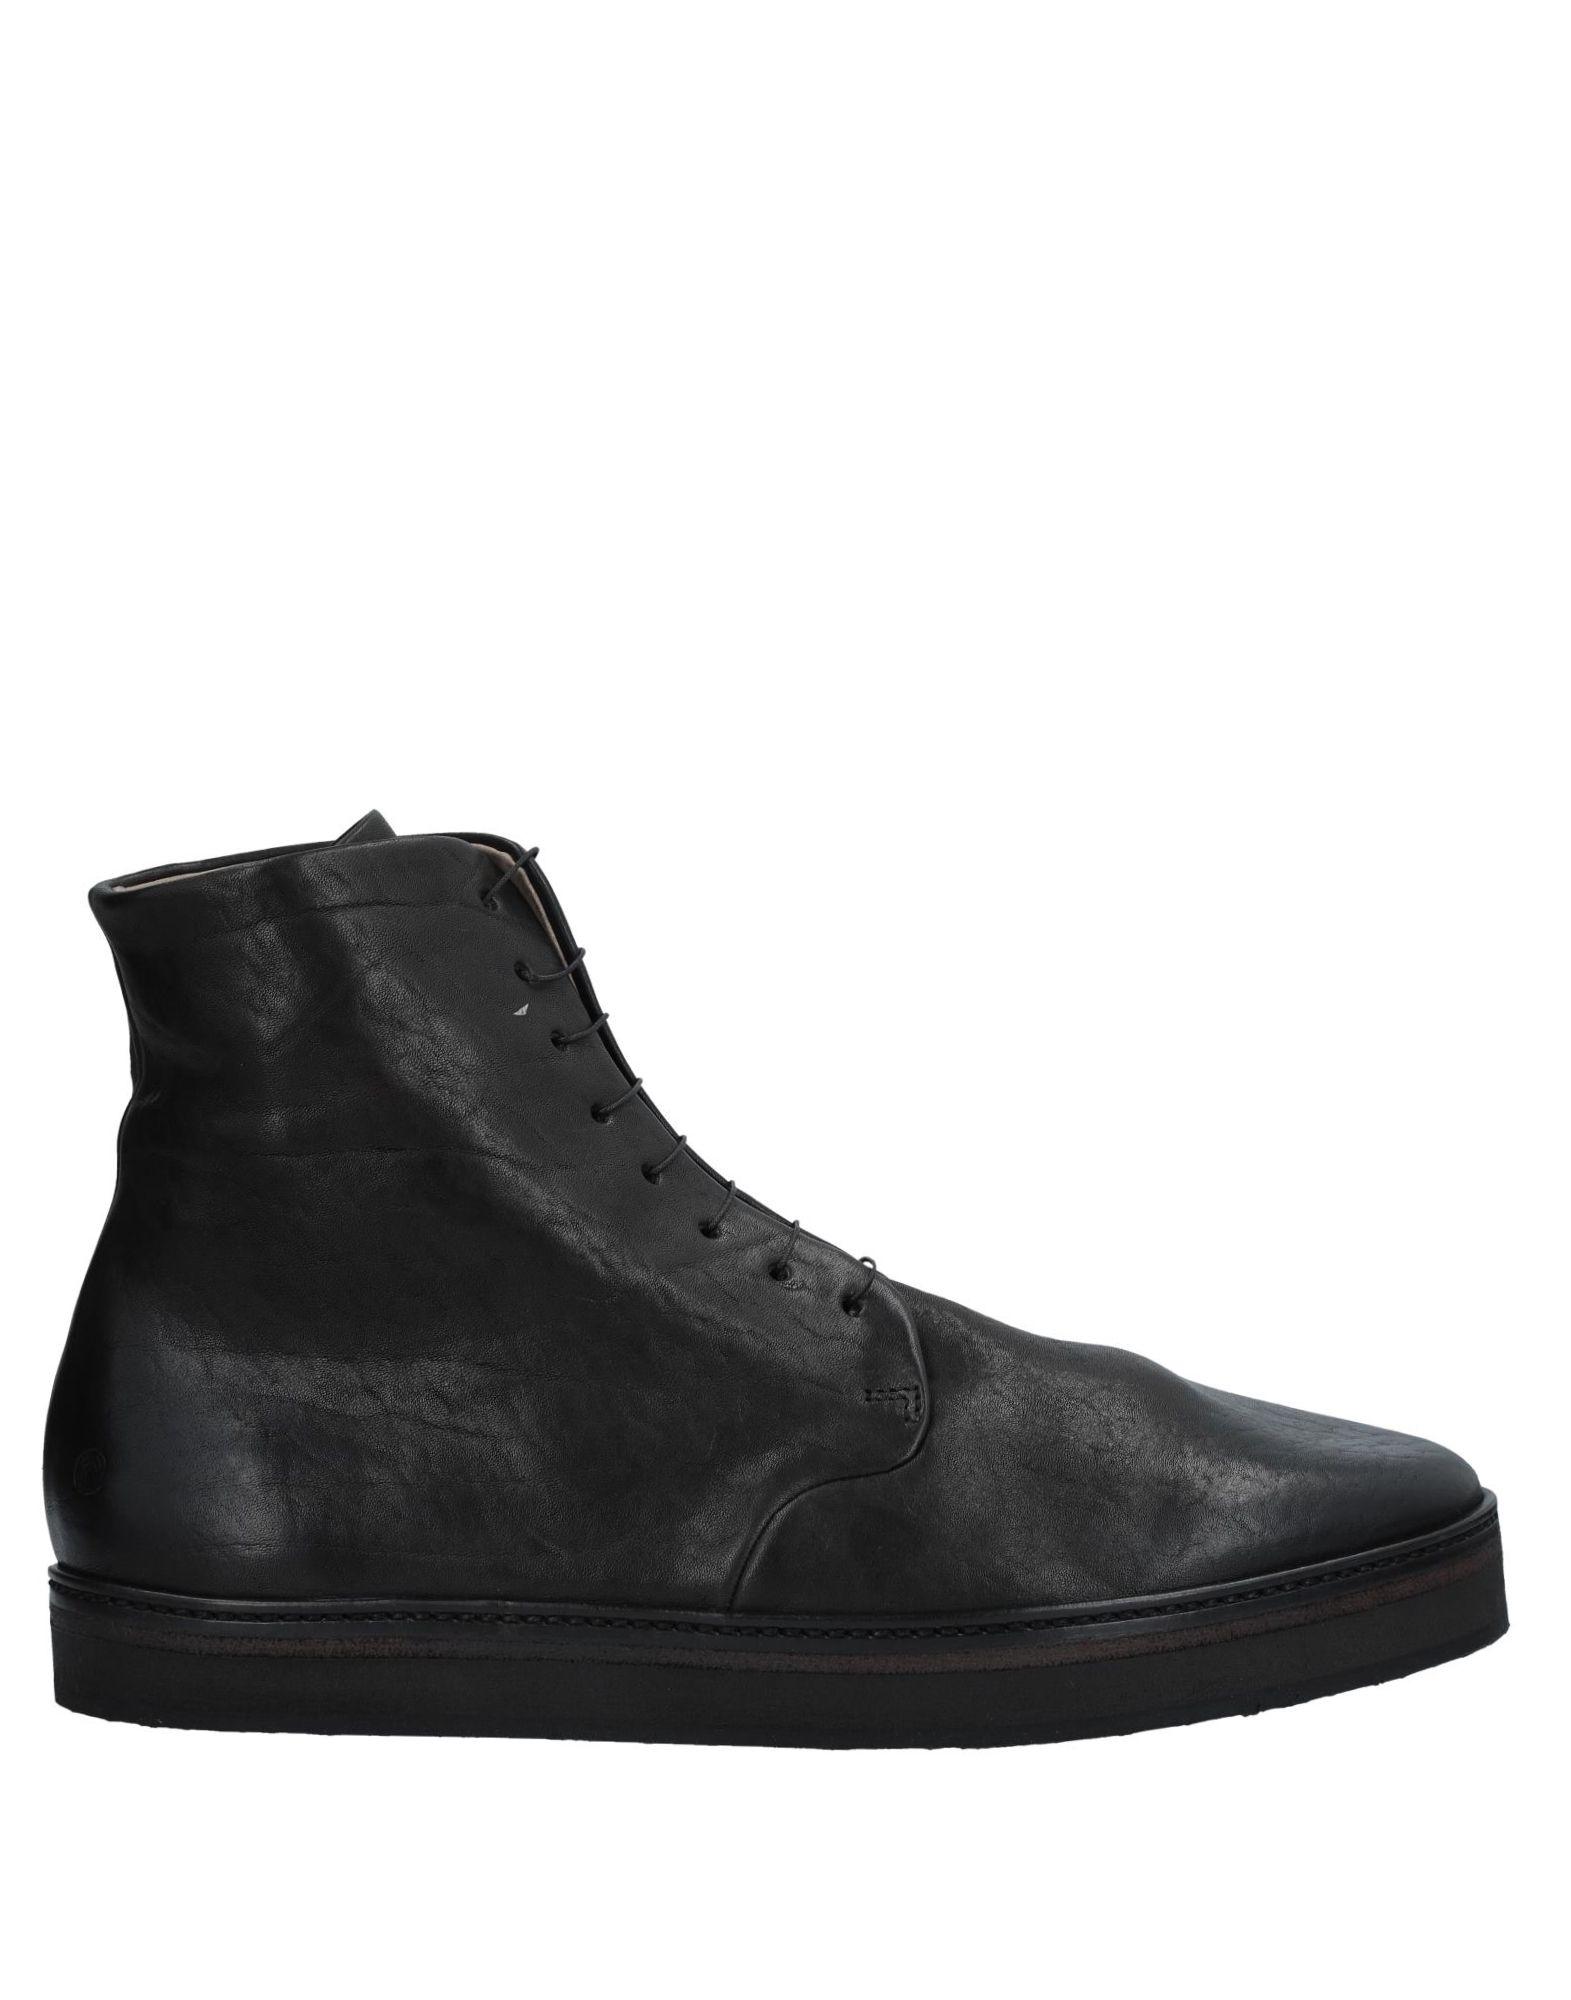 Marsèll Stiefelette Herren Heiße  11518226HX Heiße Herren Schuhe 1bea9c